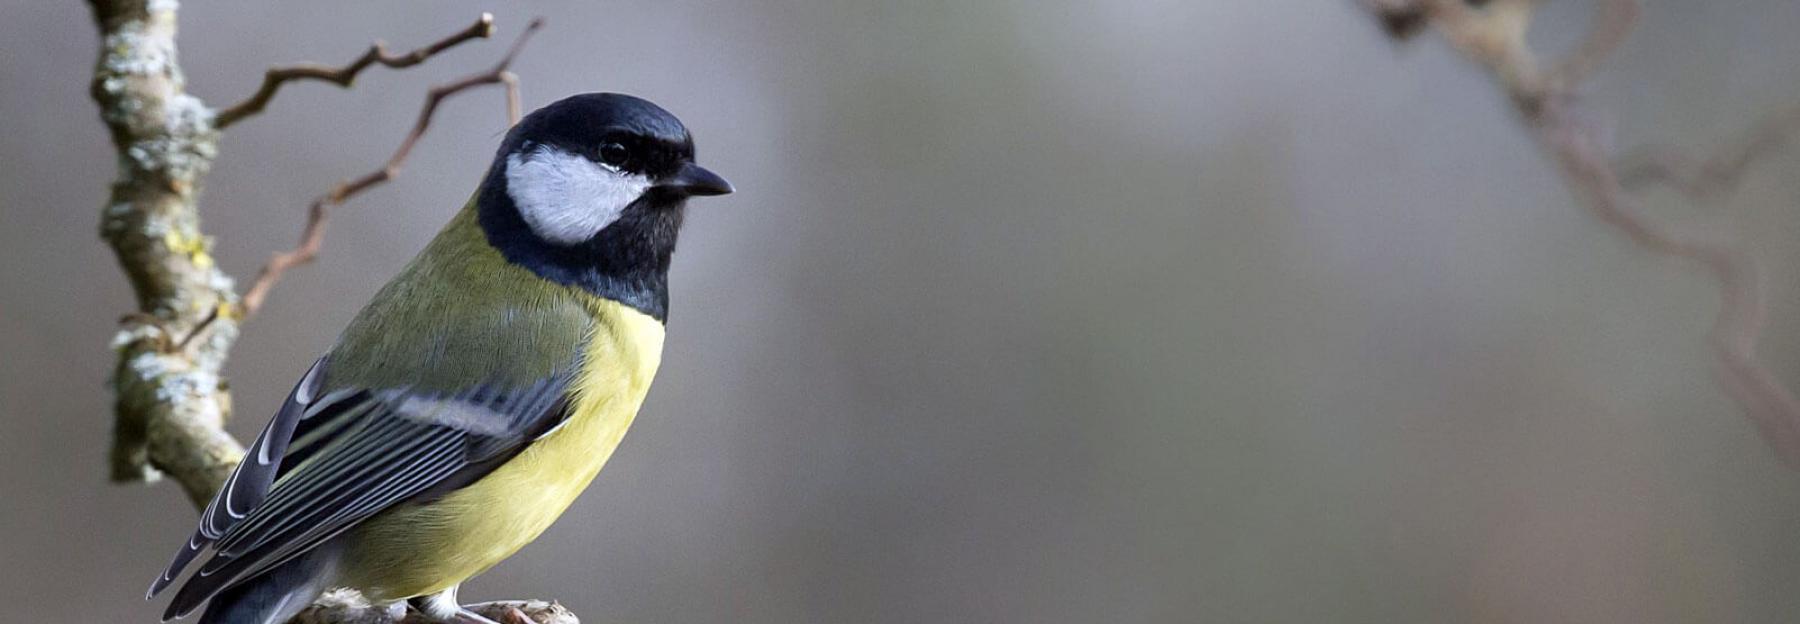 2752072ced8 Heimische Wintervögel: So erkennst du sie auf einen Blick ...